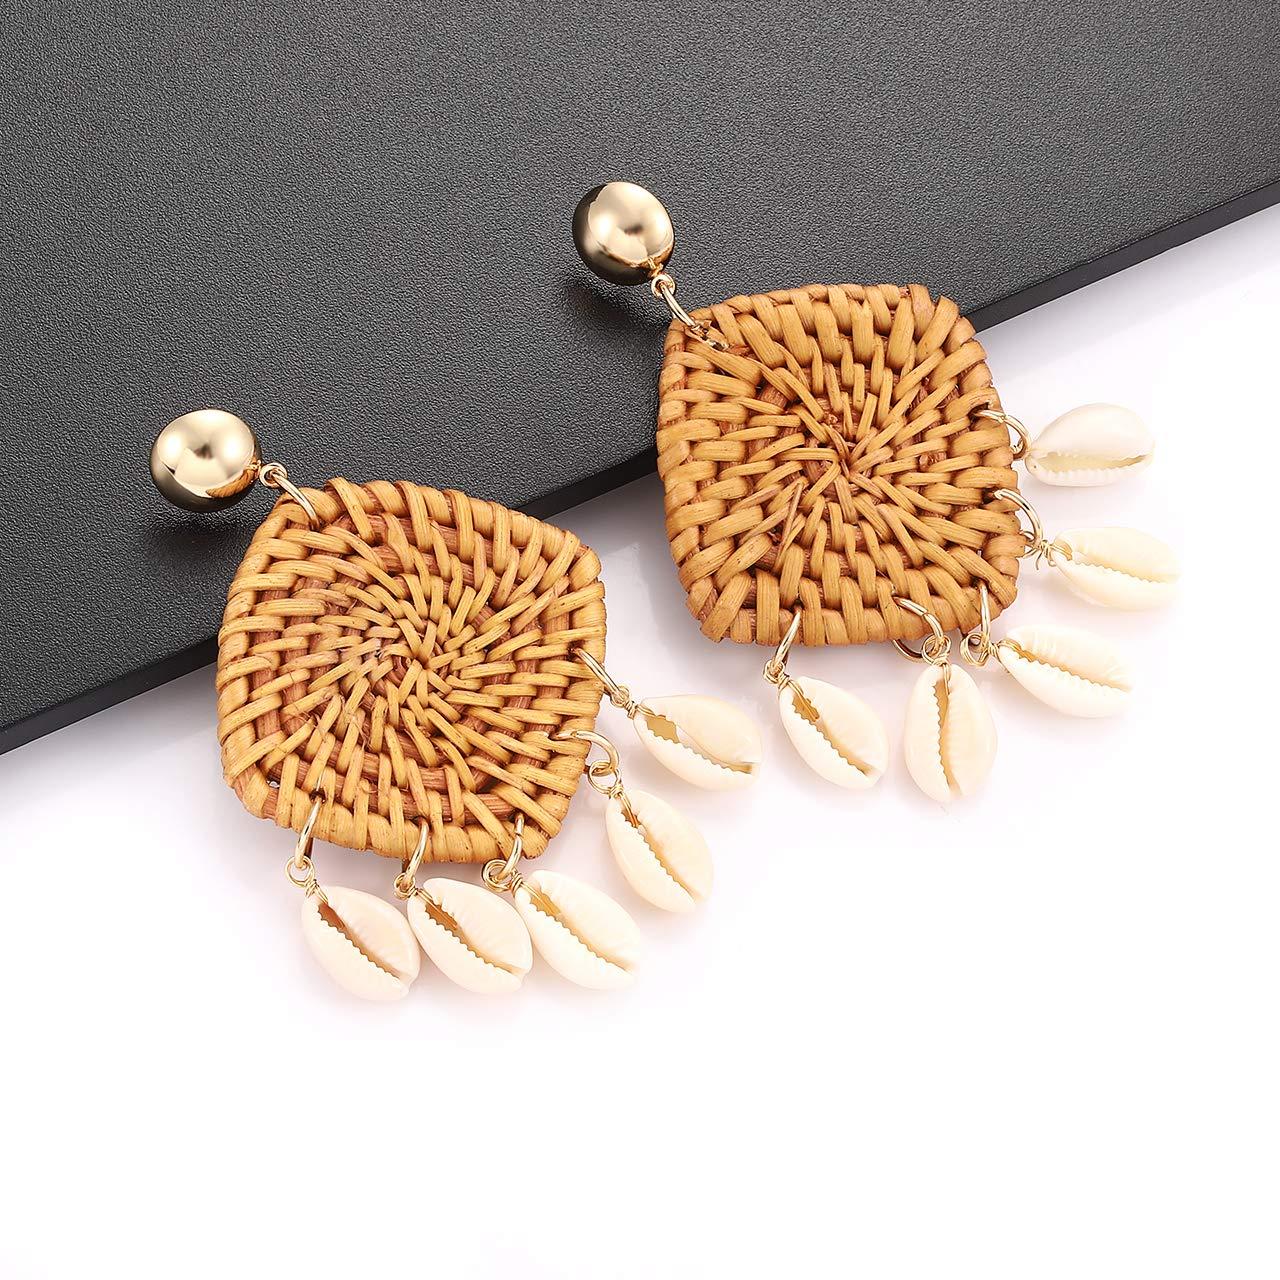 CEALXHENY Shell Rattan Earrings Boho Chandelier Seashell Bead Drop Earrings Handmade Straw Wicker Braid Hoop Dangle Earrings for Women Girls